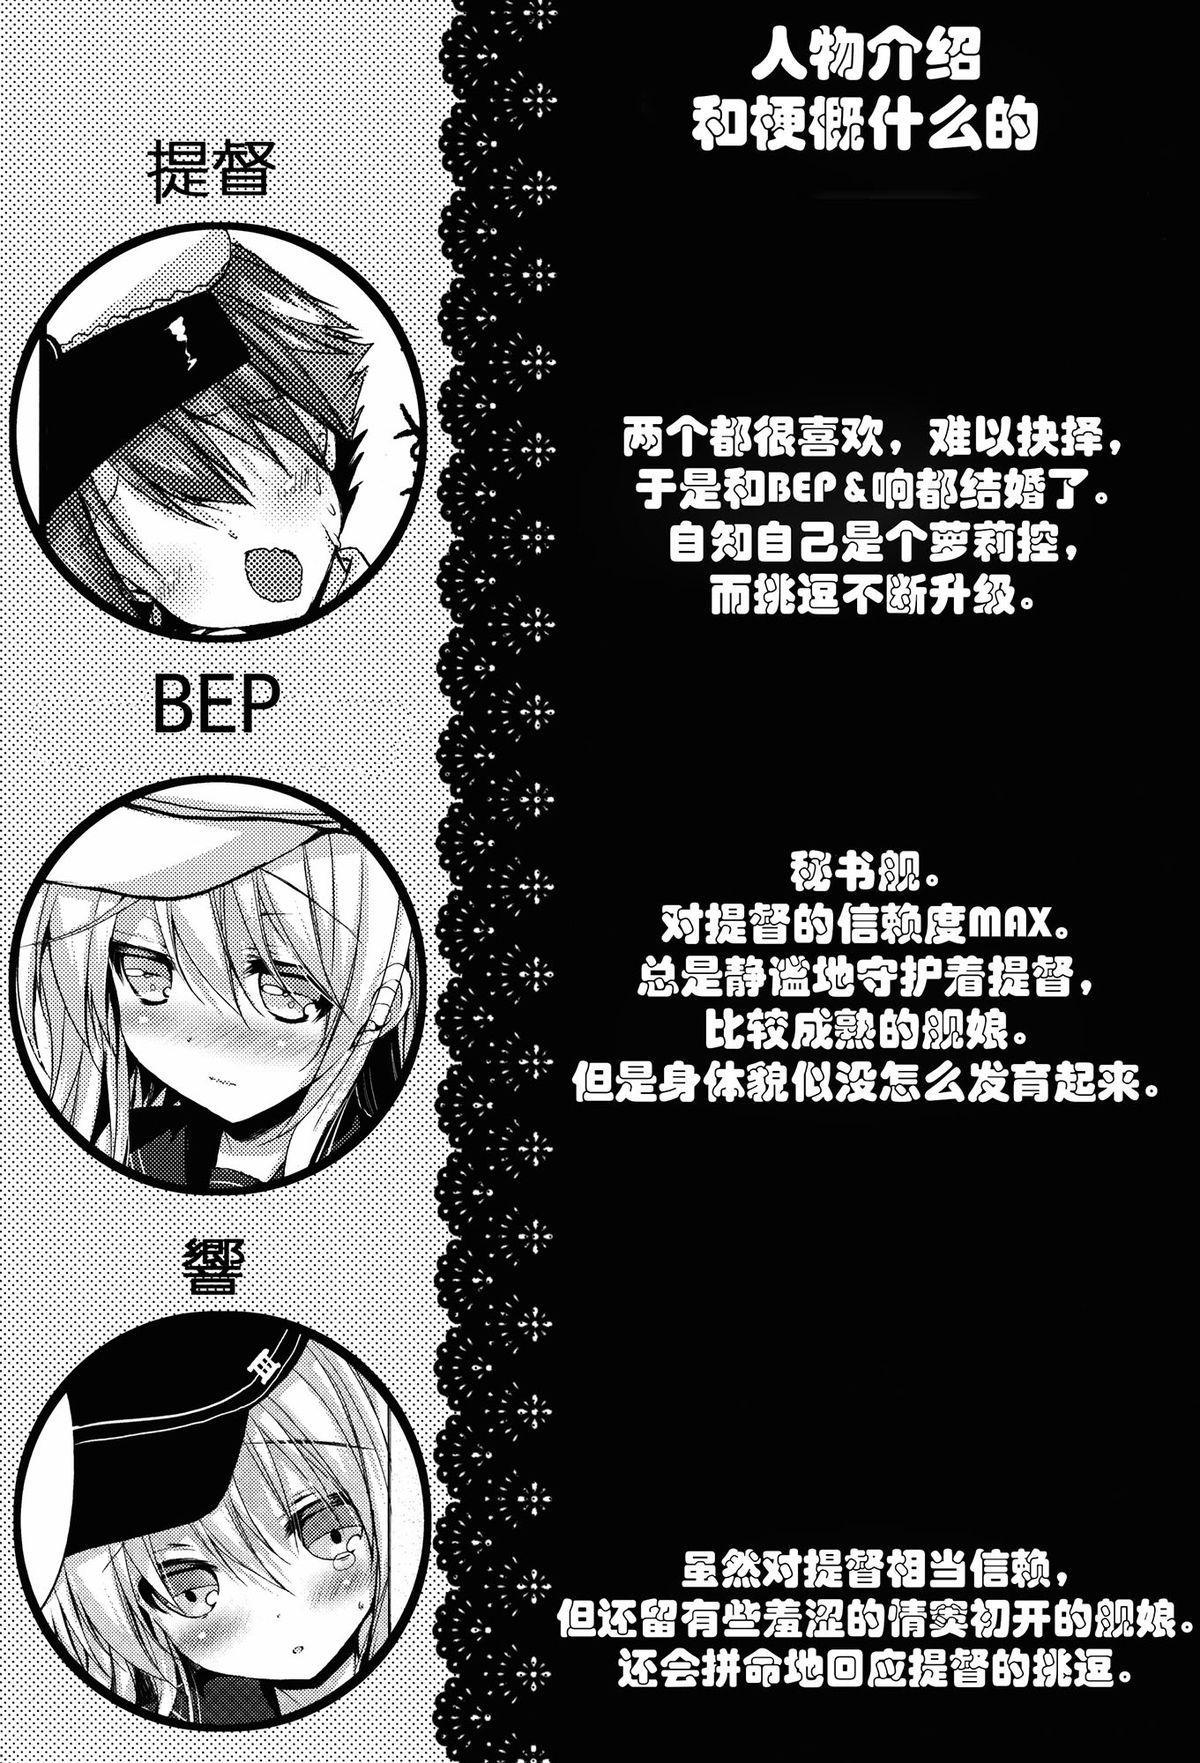 Bep→Ore←Hibiki2 Lolicon Kakko Gachi 2